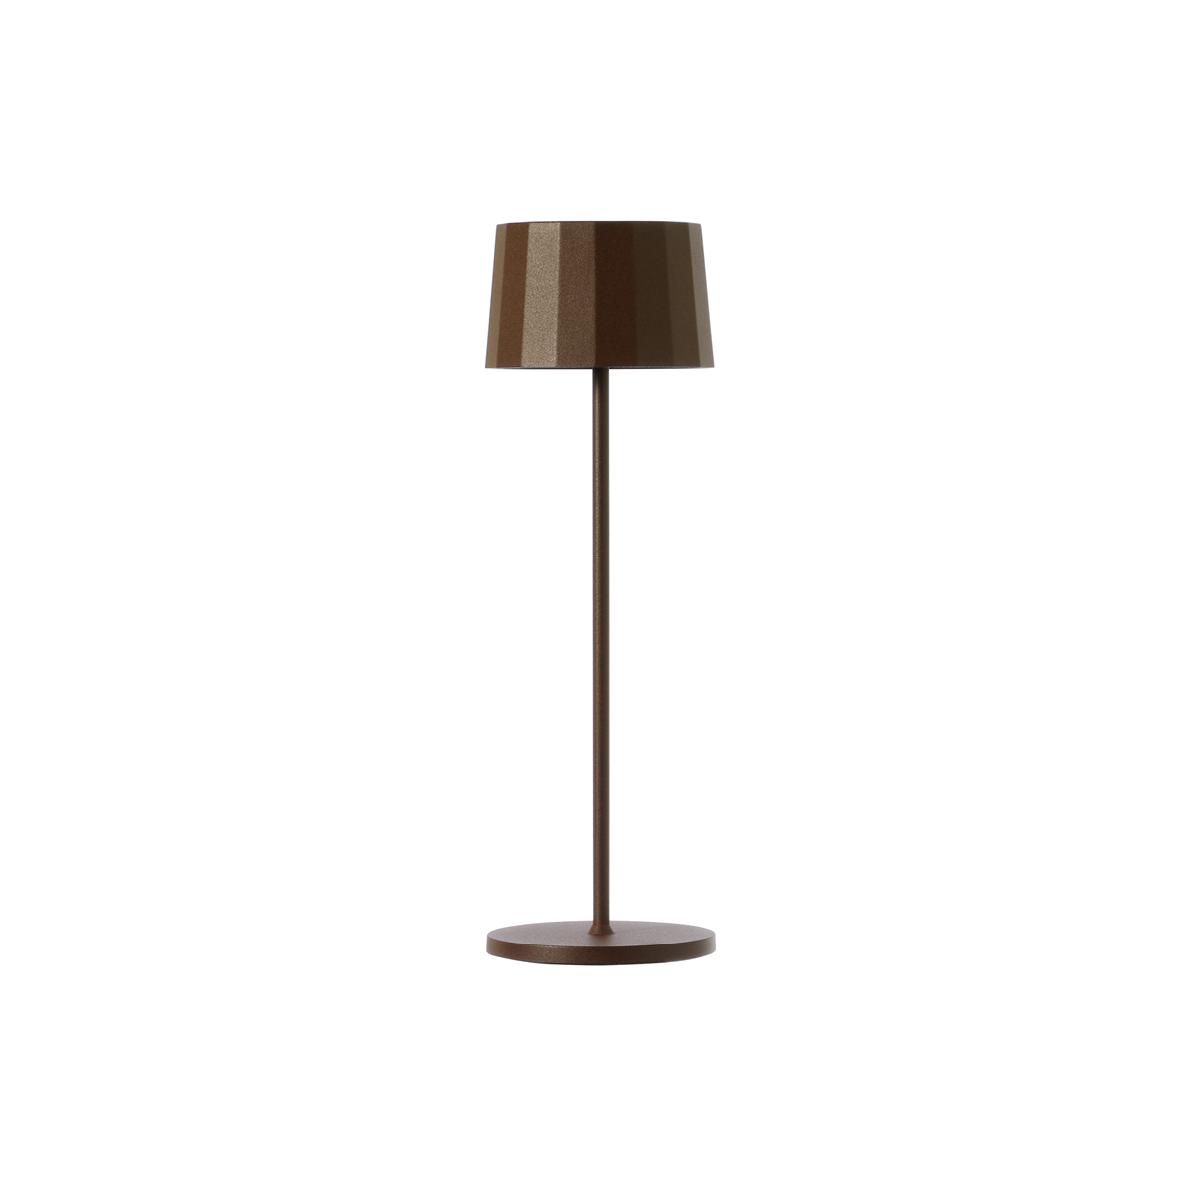 Lampada da tavolo color corten. Ricaricabile tramite micro USB, dimmerabile e resistente ad acqua e polvere d. 11 cm h. 35 cm